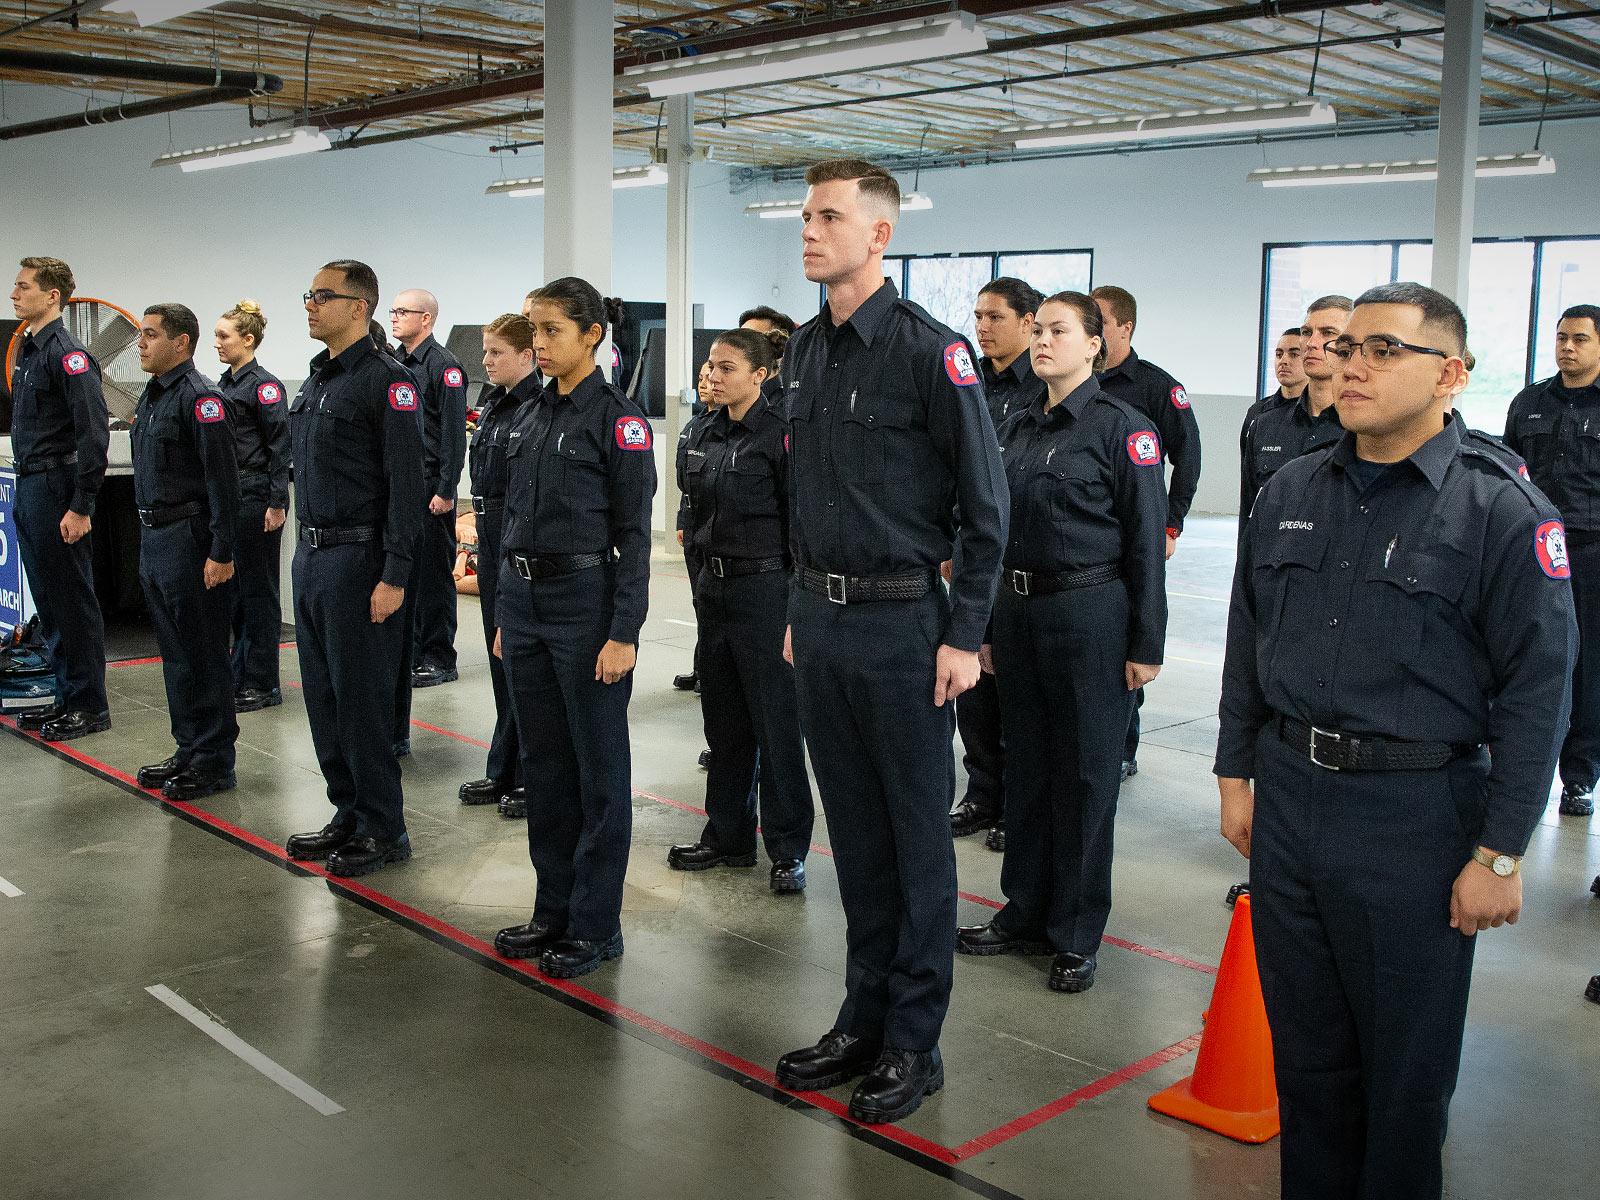 Cal-JAC AcademyWelcomes NEW CLASSOF Cadets - CAL-JAC